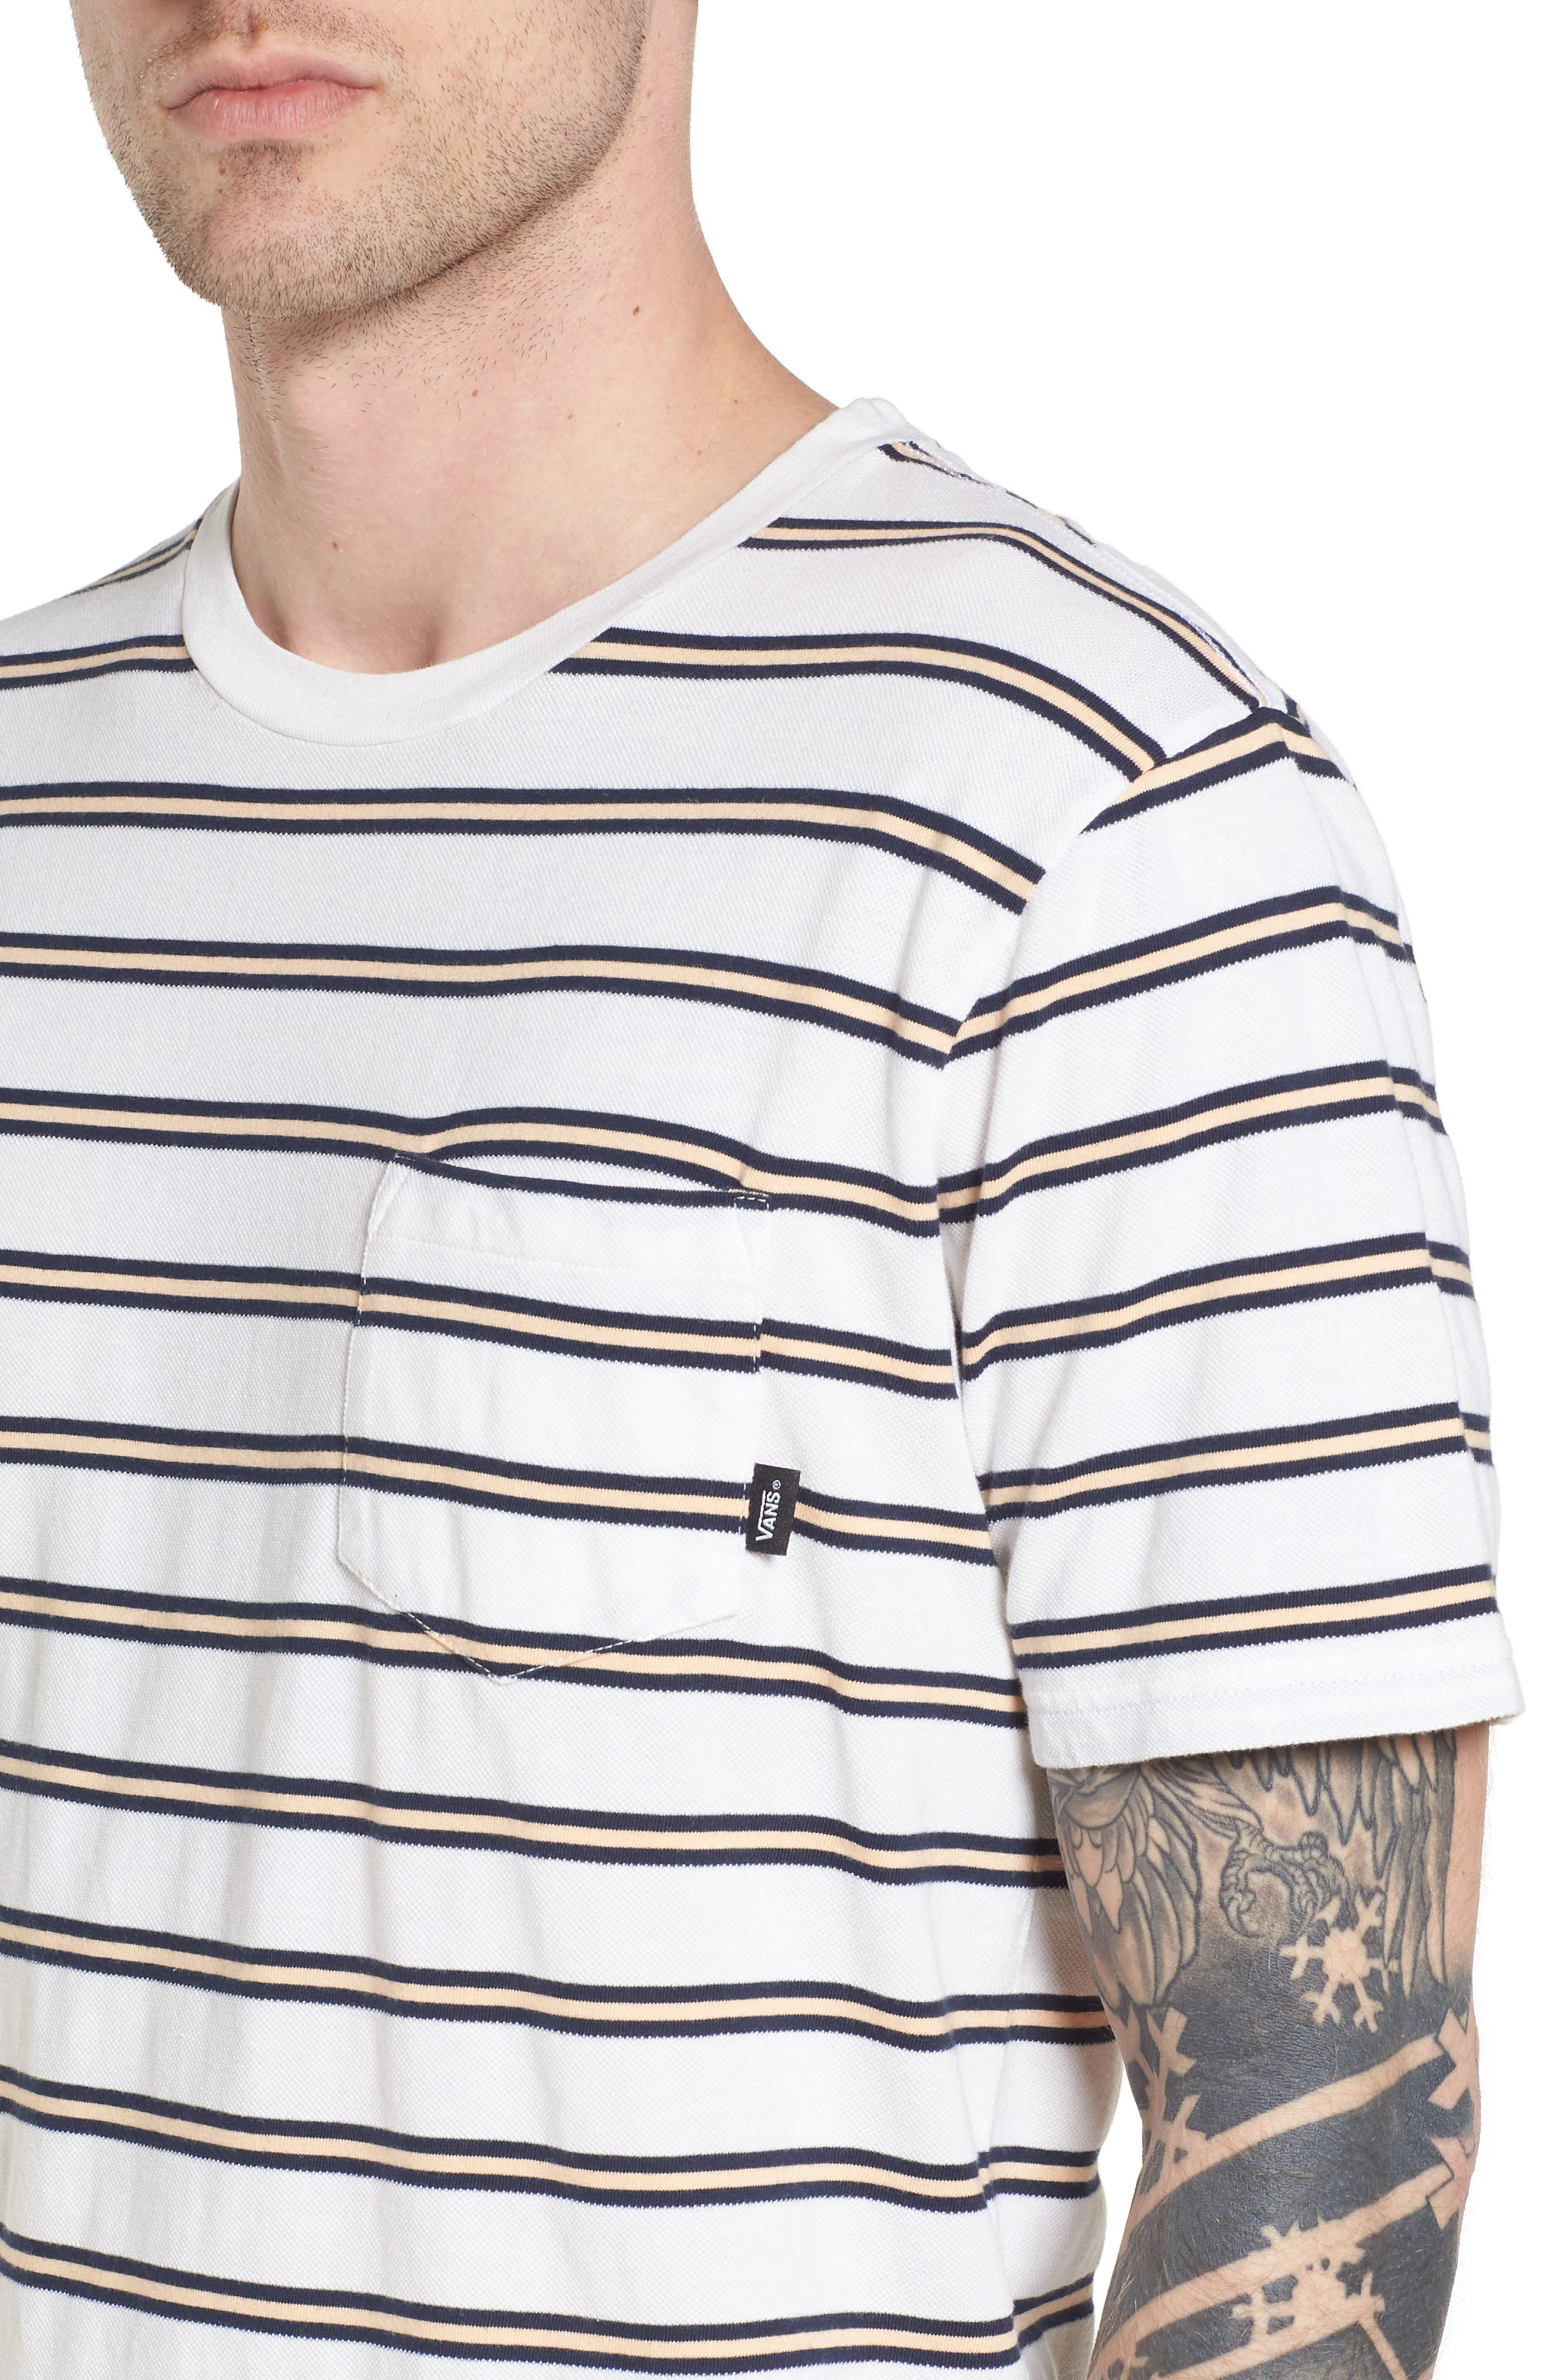 Whittier Pocket T-Shirt,                             Alternate thumbnail 4, color,                             900